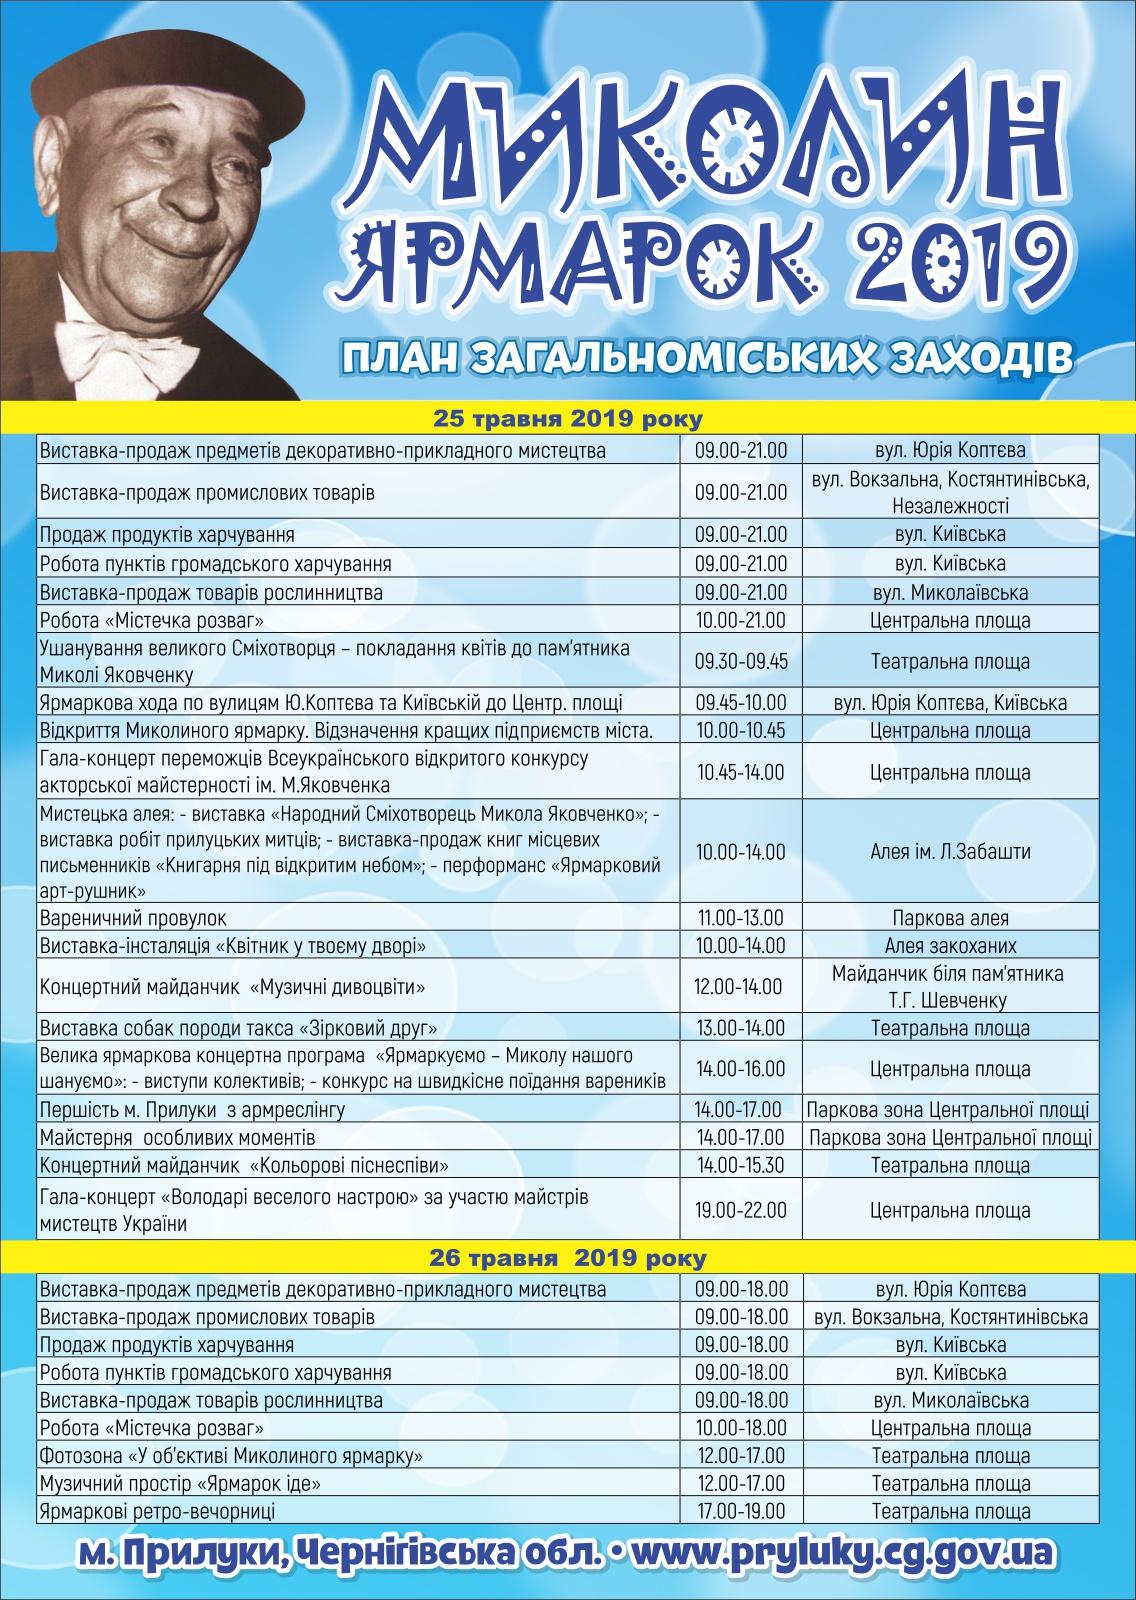 Миколин Ярмарок А3 план заходів 2019